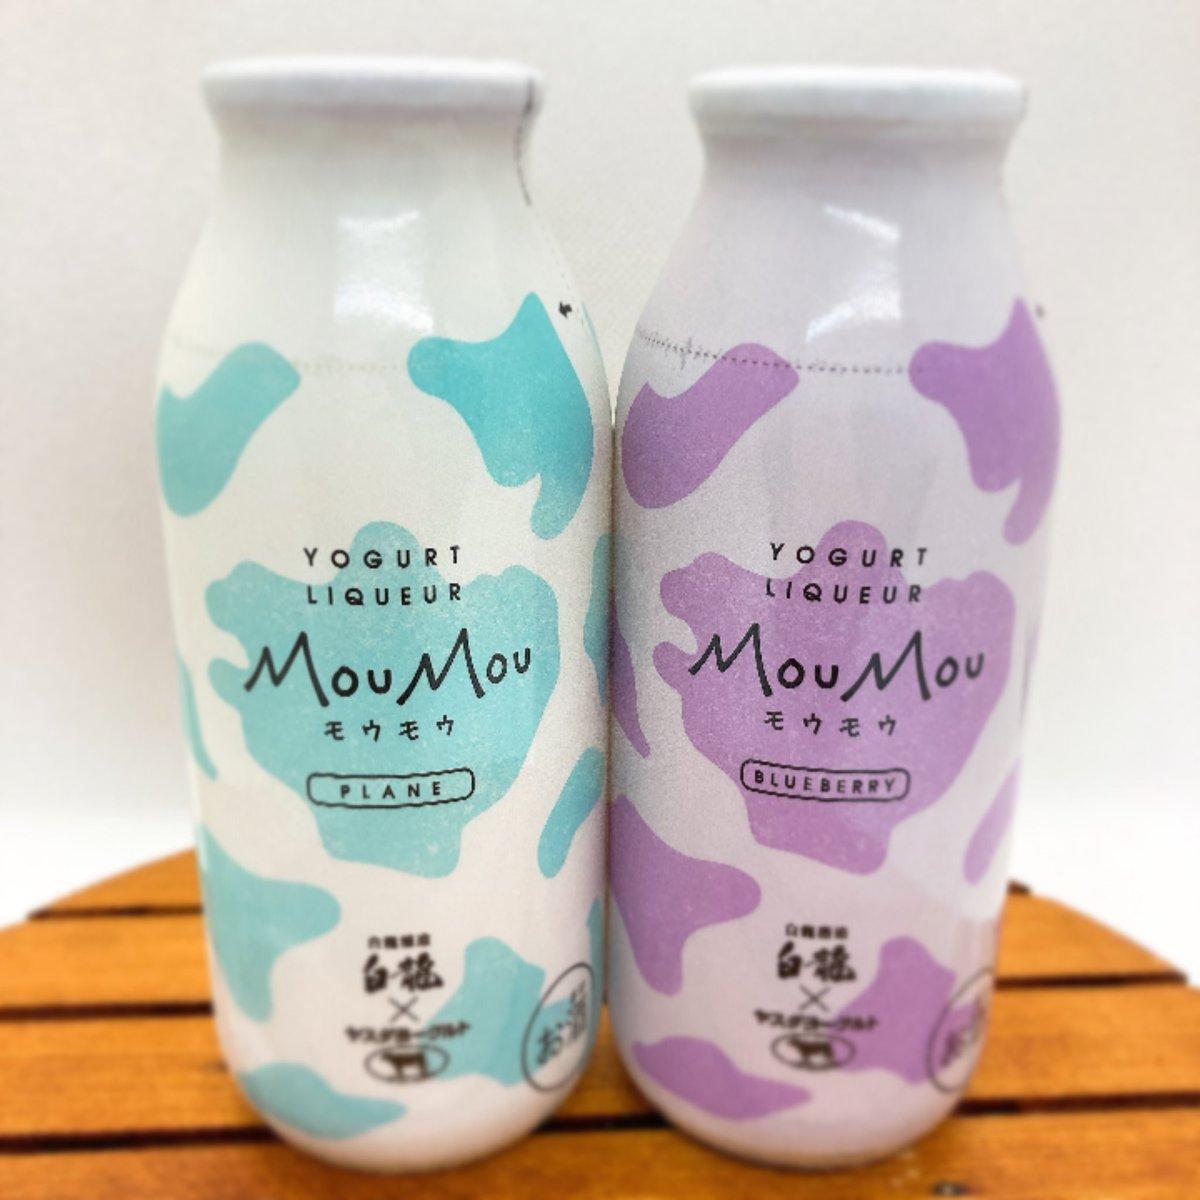 test ツイッターメディア - 牛乳🥛?!いえいえ、ヨーグルトリキュールです🐄白龍酒造とヤスダヨーグルトのコラボ酒 #モウモウ 。牛乳瓶に入ってるのもポイント高し🍼  なめらか喉越しのヤスダヨーグルトと、風味豊かな日本酒のマリアージュを是非お楽しみ下さい。 https://t.co/sCbZd8vaWn